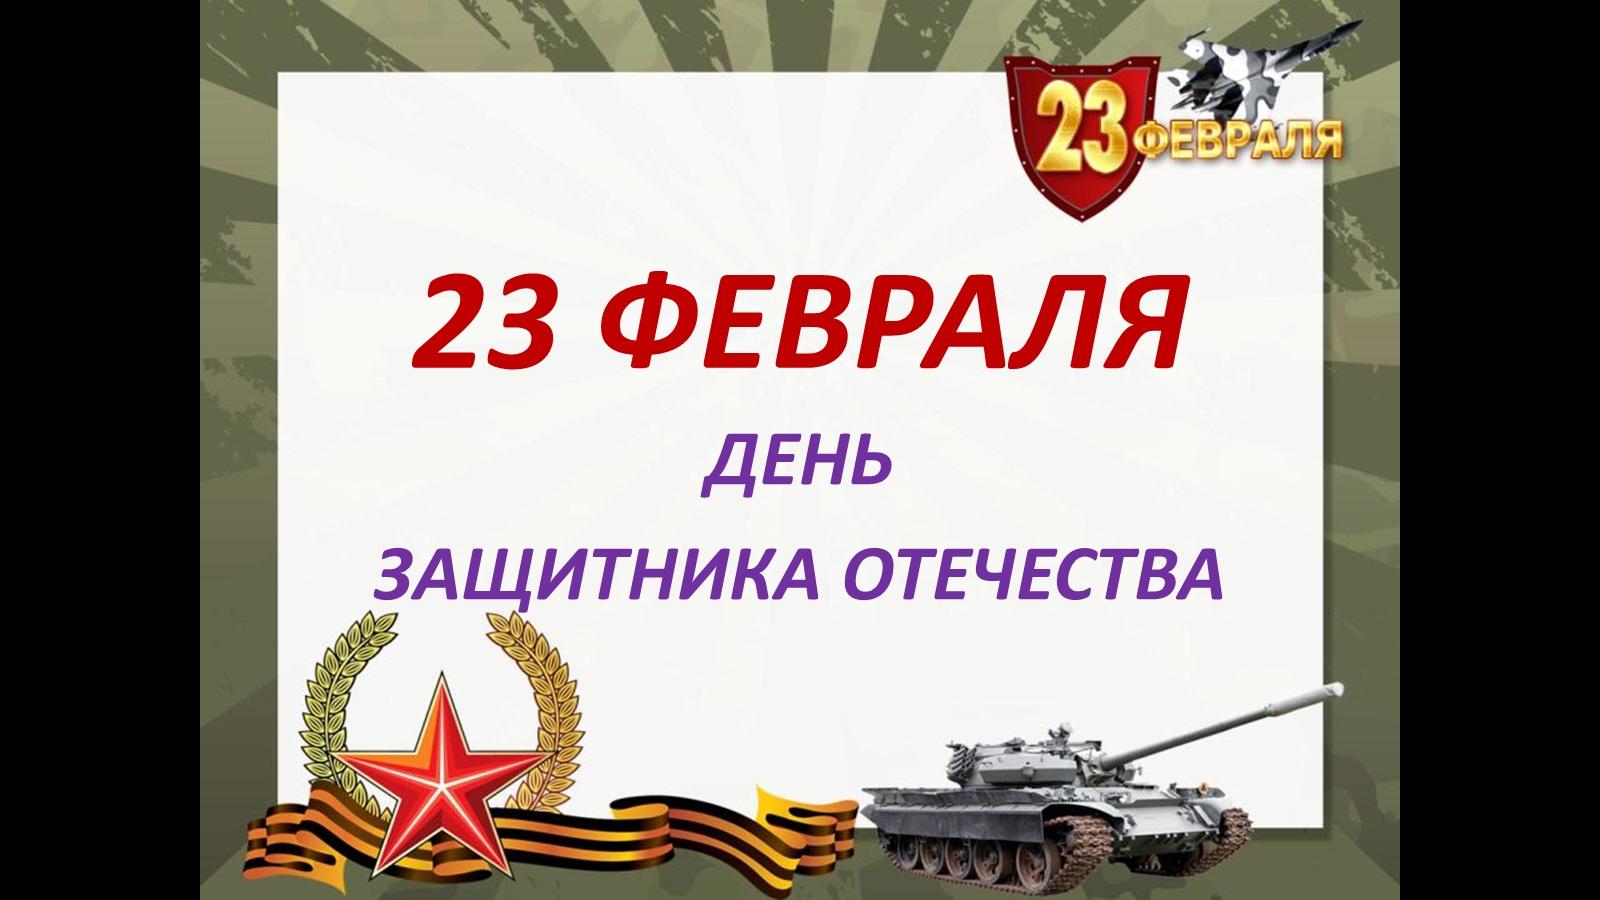 сценарий 23 февраля день защитника отечества 7 класс производители стараются